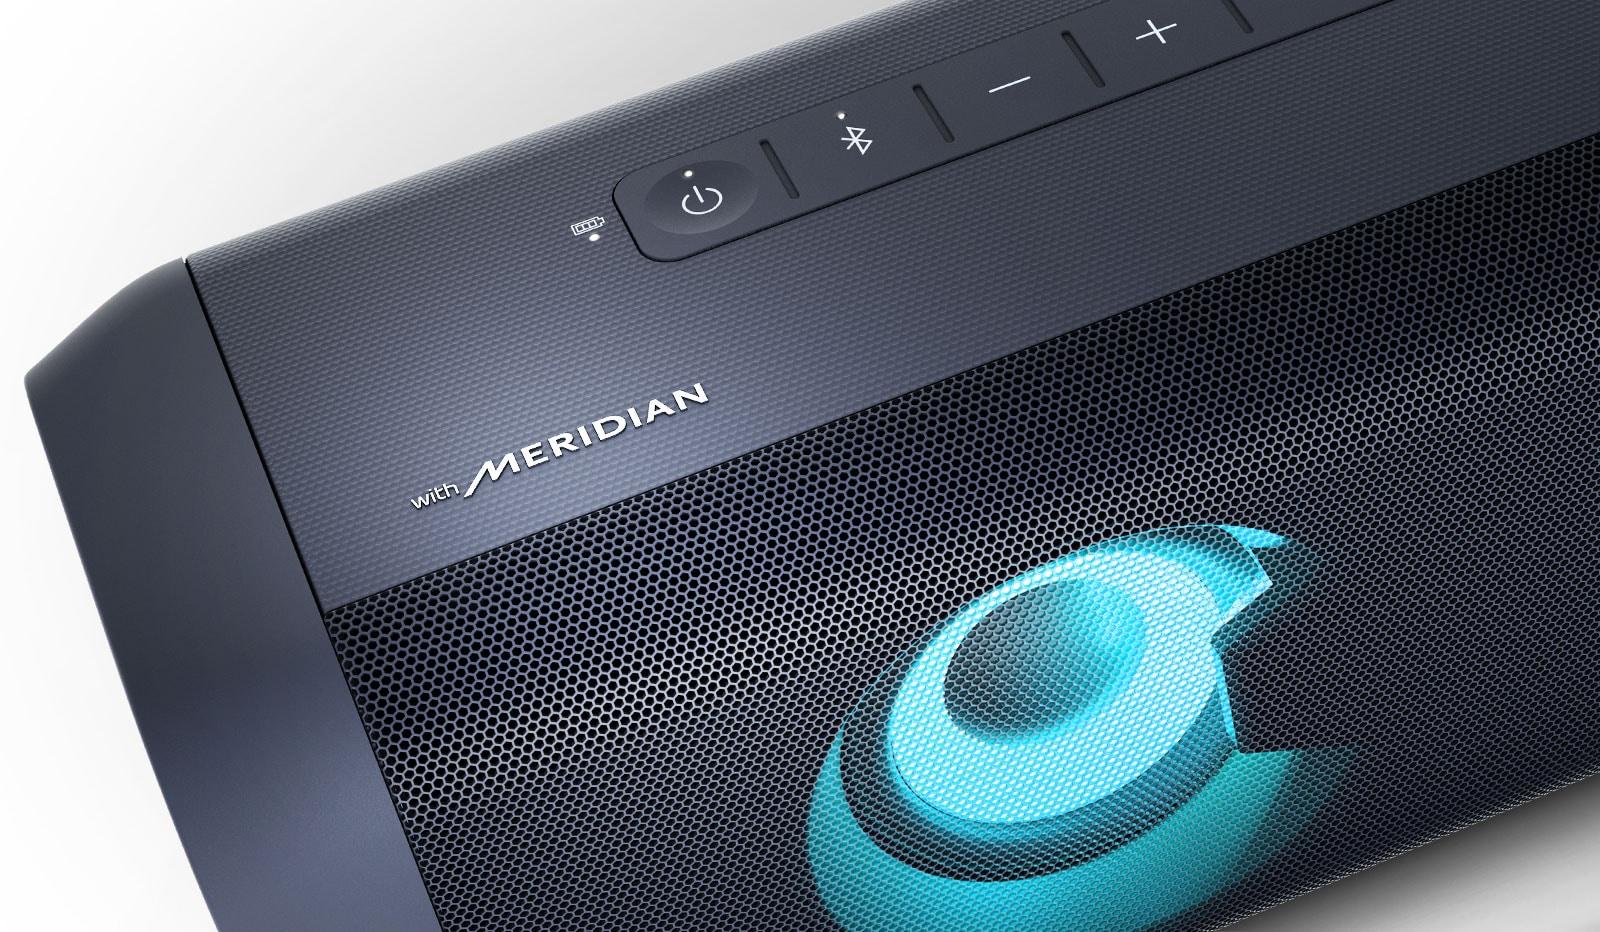 Ảnh cận cảnh logo Meridian trên loa LG XBOOM Go đang phát sáng xanh da trời trên nền trắng.